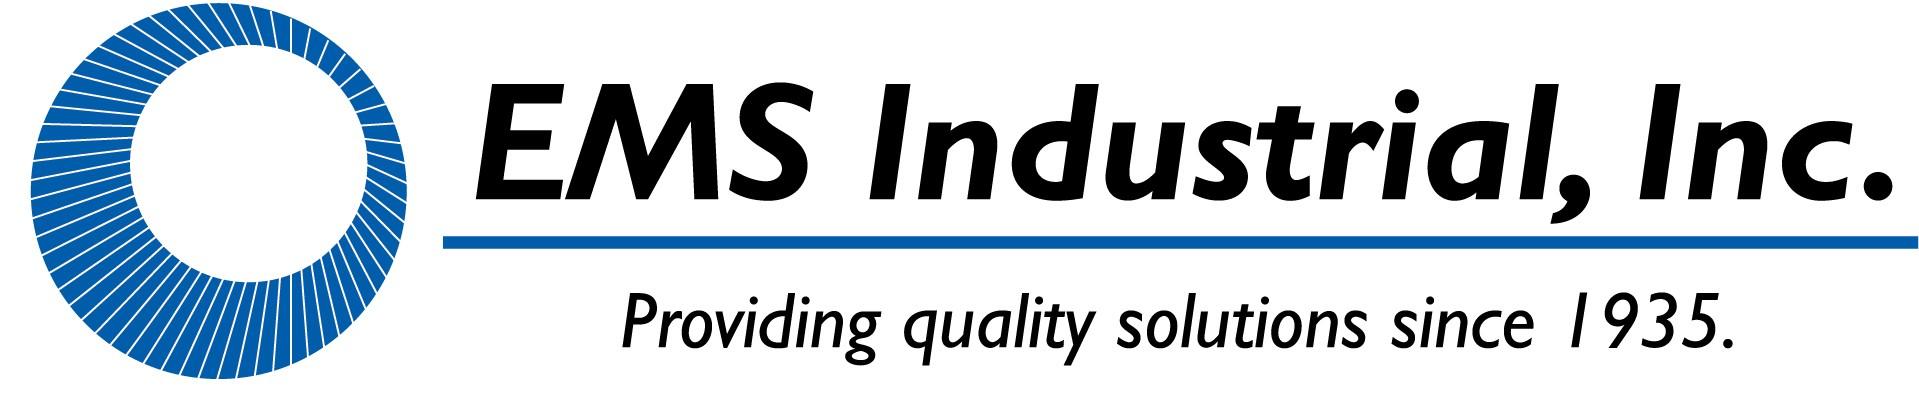 EMS Industrial Inc. logo